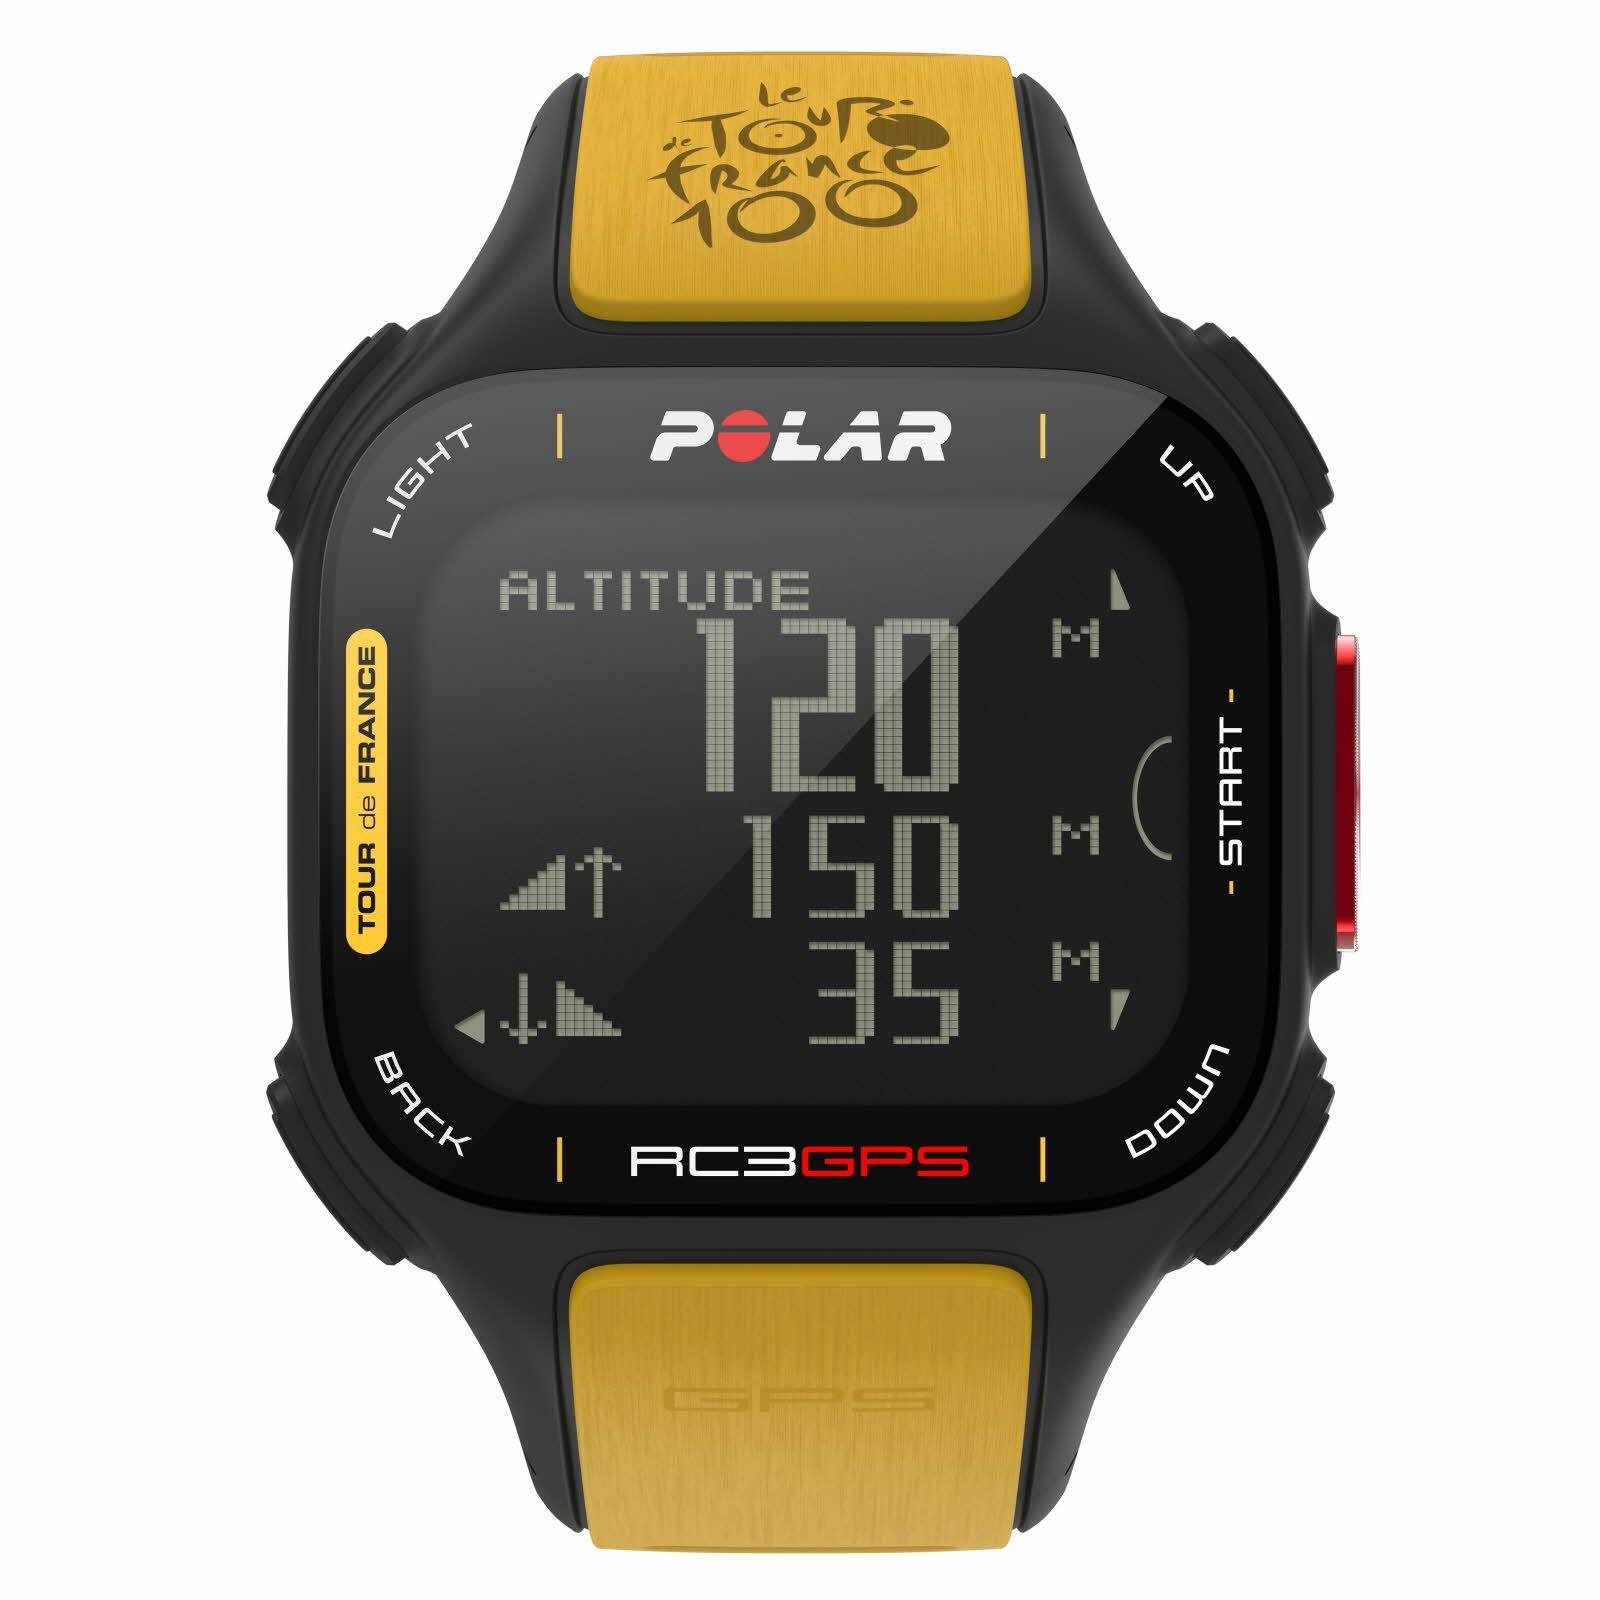 Polar Rc3 Gps Tour De France Bike Sports Watch